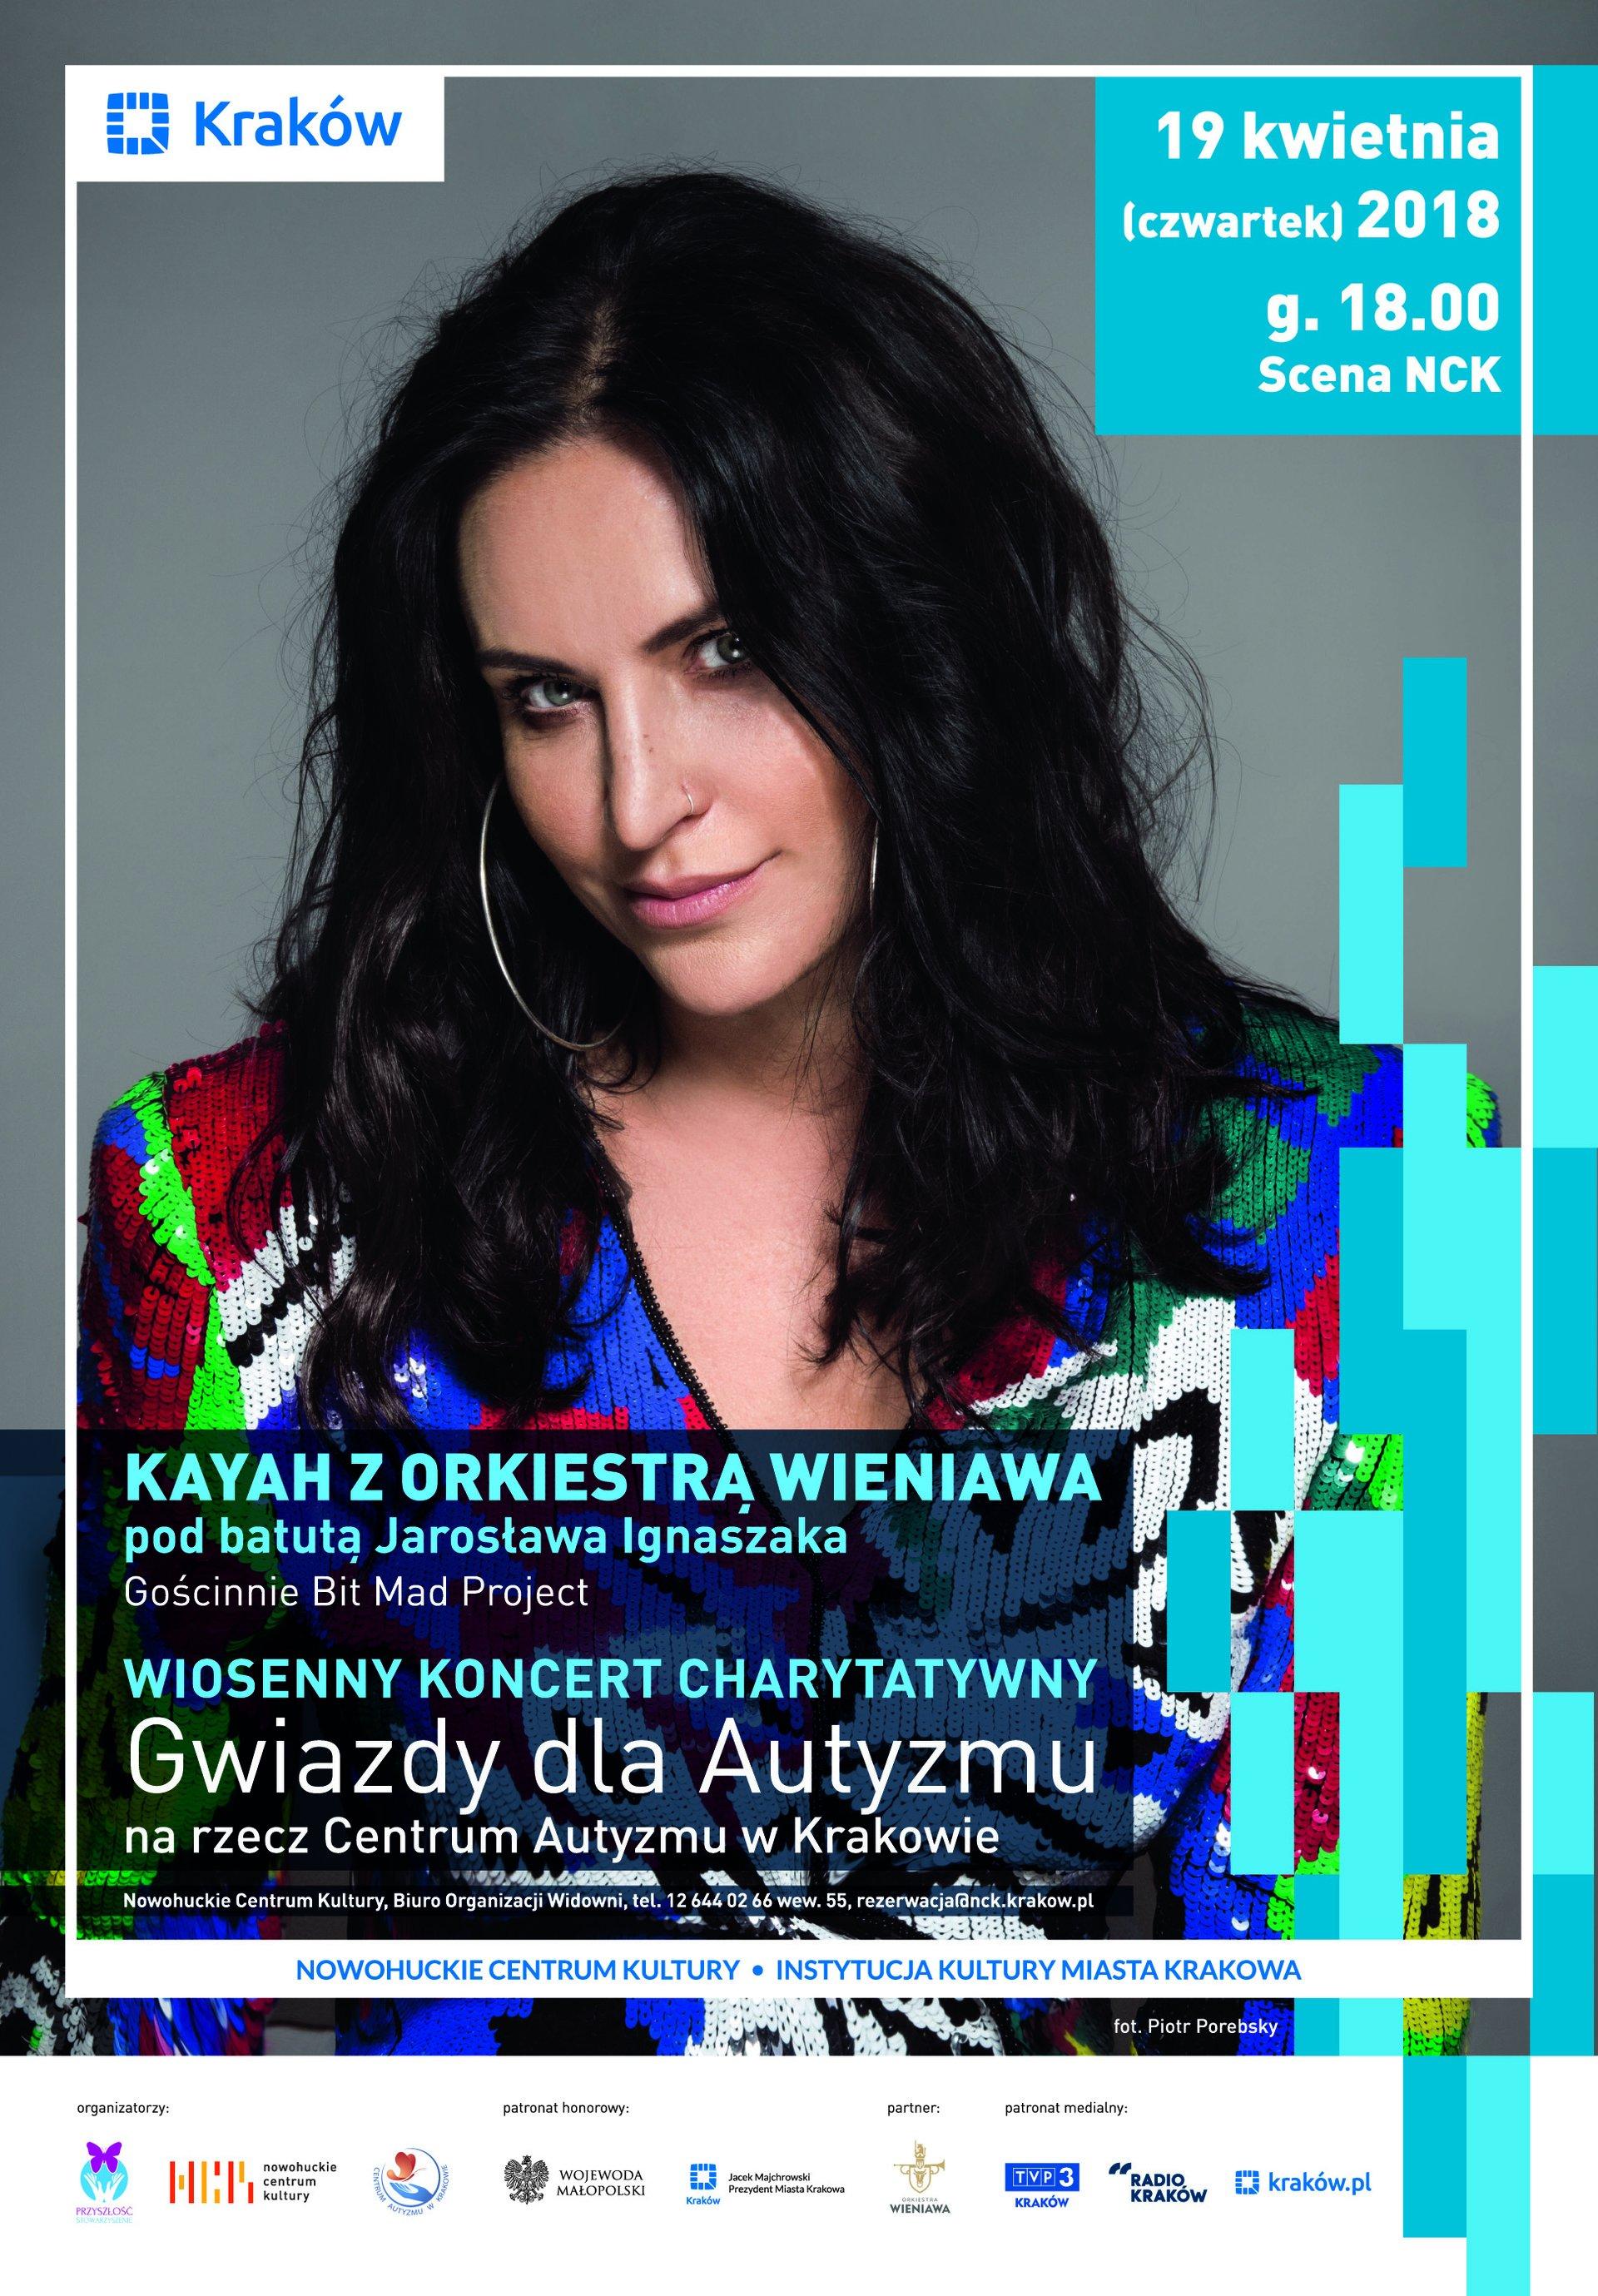 Kayah i Orkiestra Wieniawa  w Wiosennym Koncercie Charytatywnym Gwiazdy dla Autyzmu